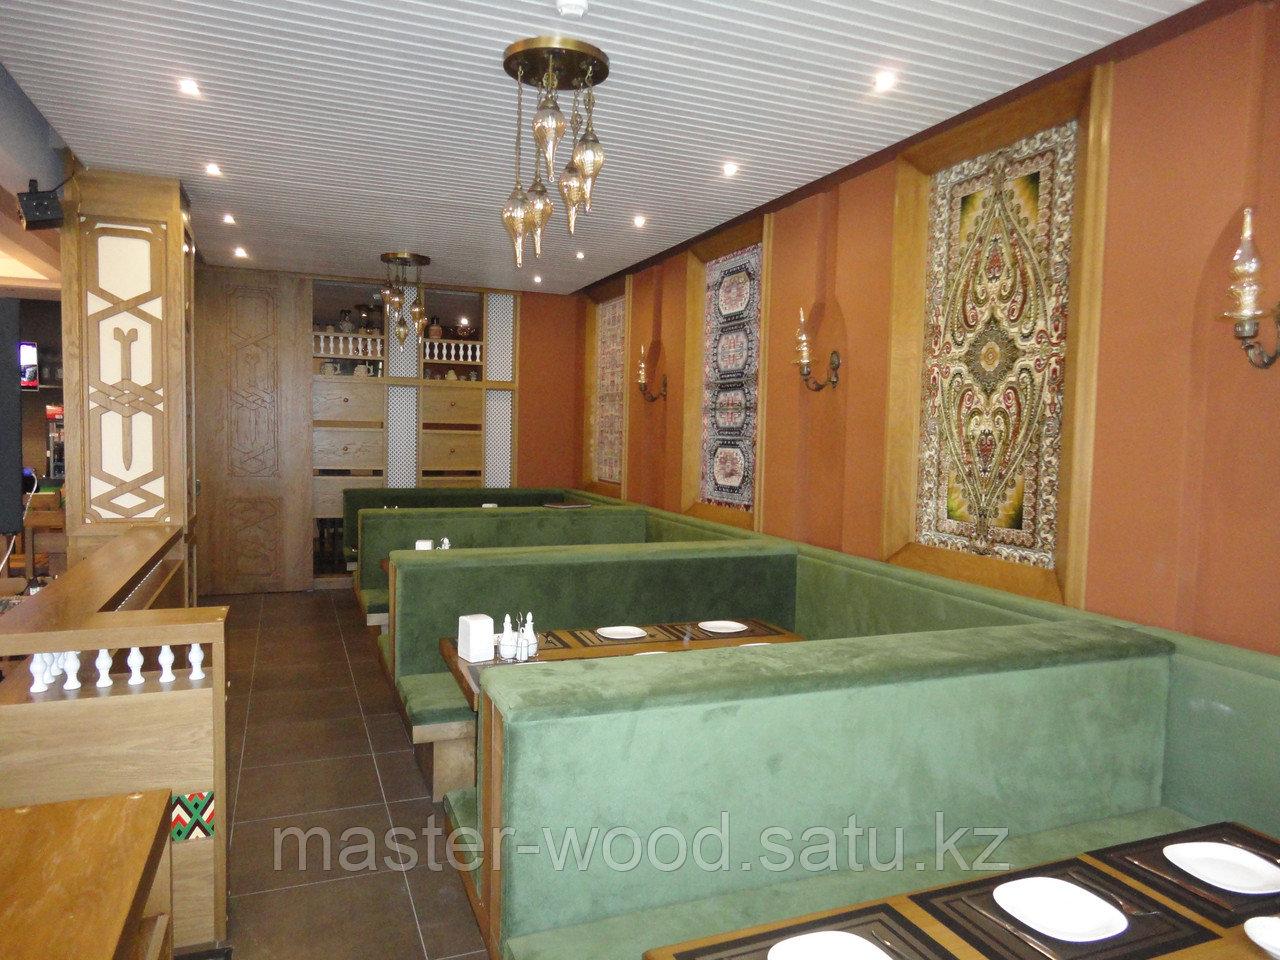 Ремонт и отделка ресторанов, кафе, баров, бань, домов, квартир - фото 2